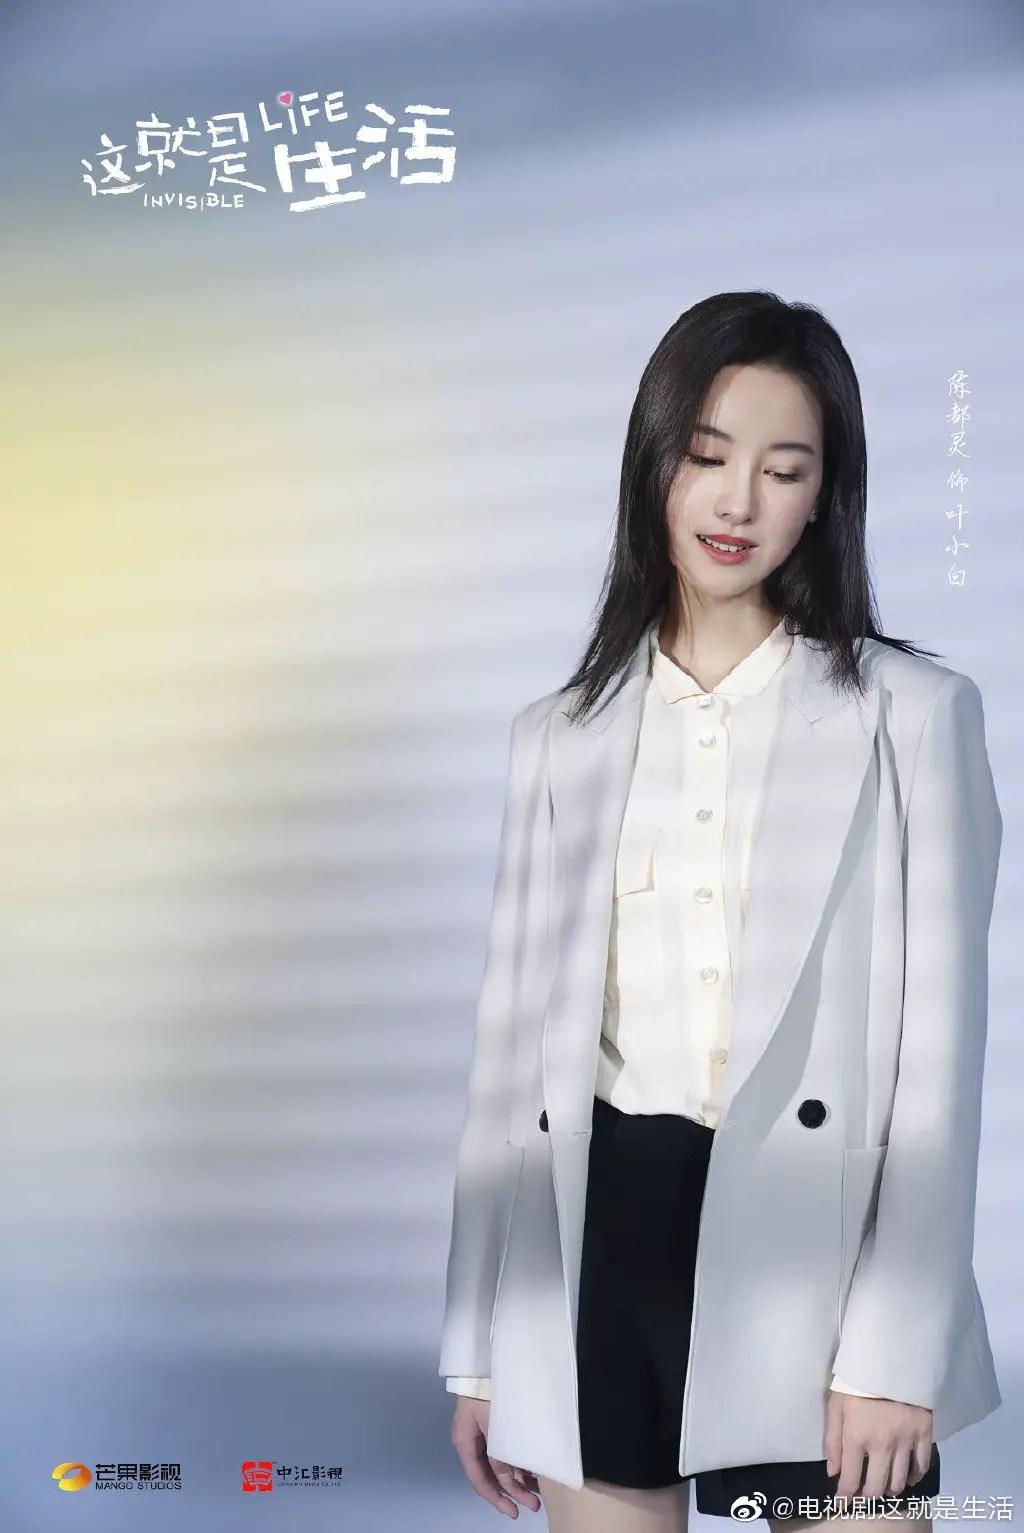 Chen Du Ling